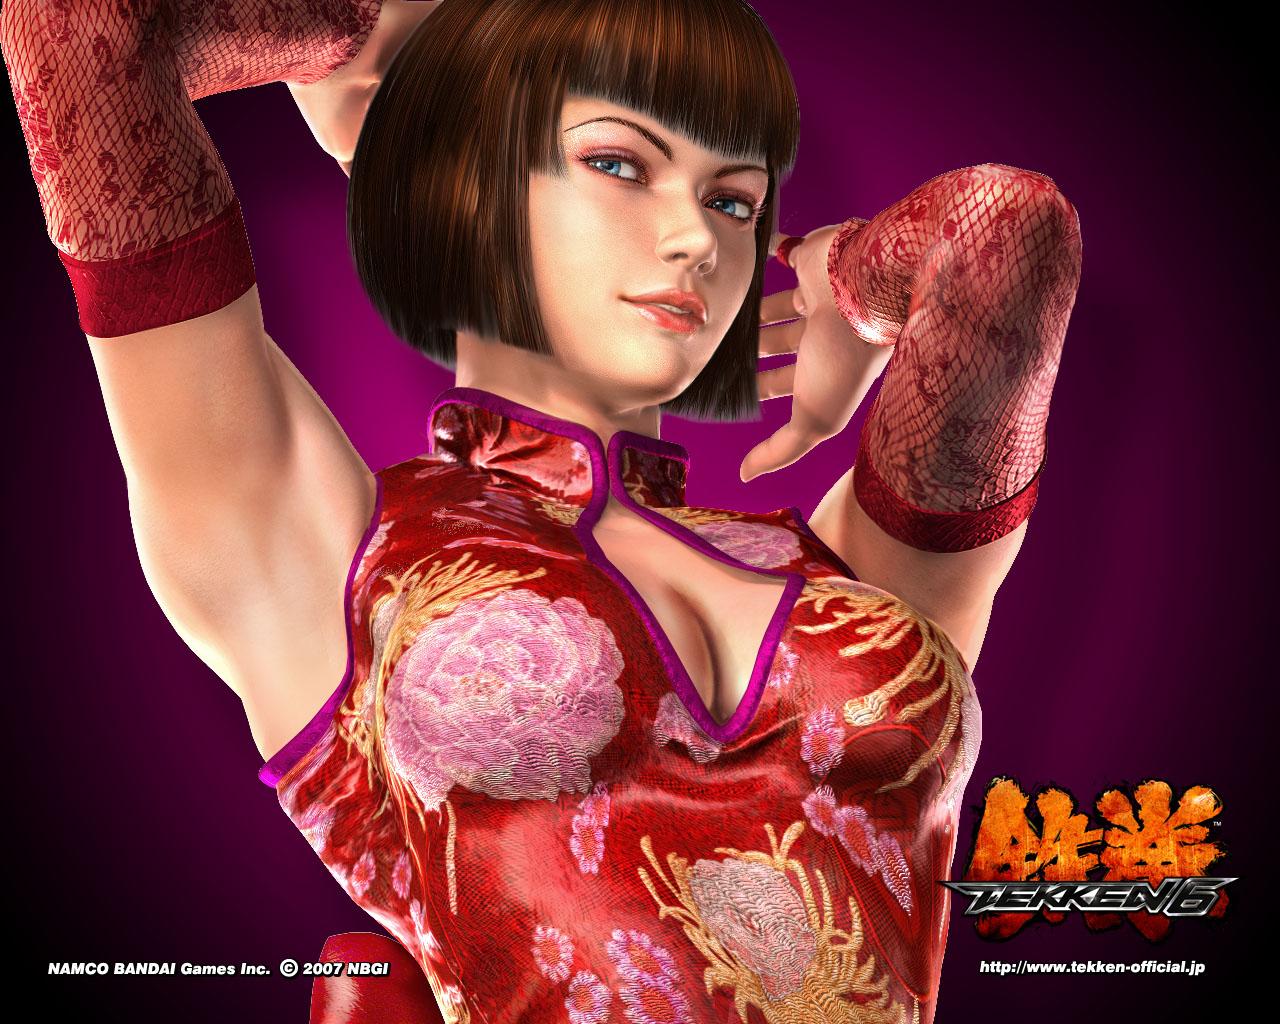 HD Wallpapers Anna Williams Tekken 6